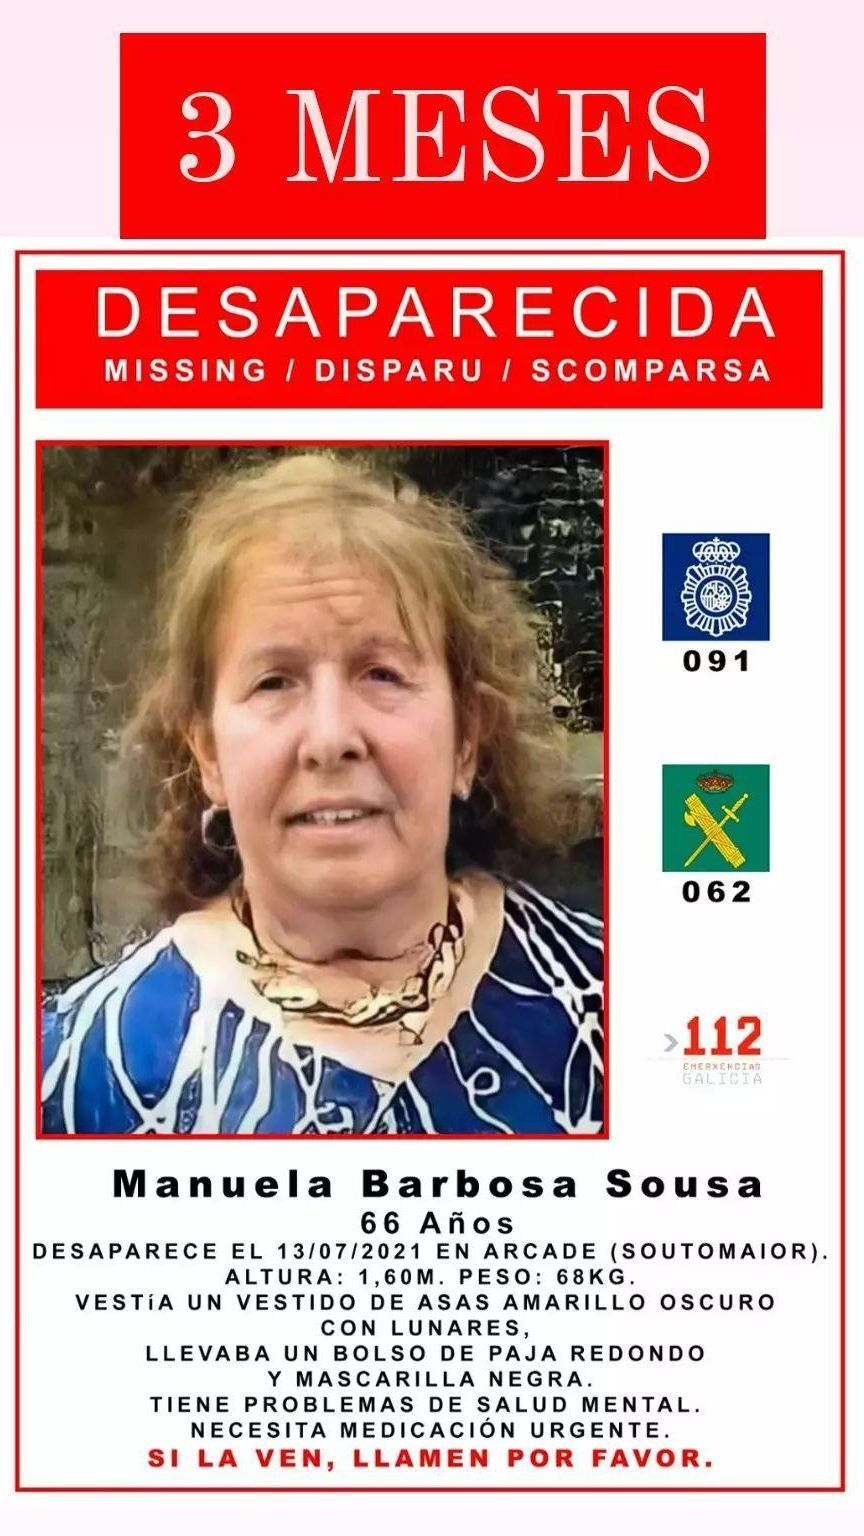 Cartel de la mujer desaparecida.